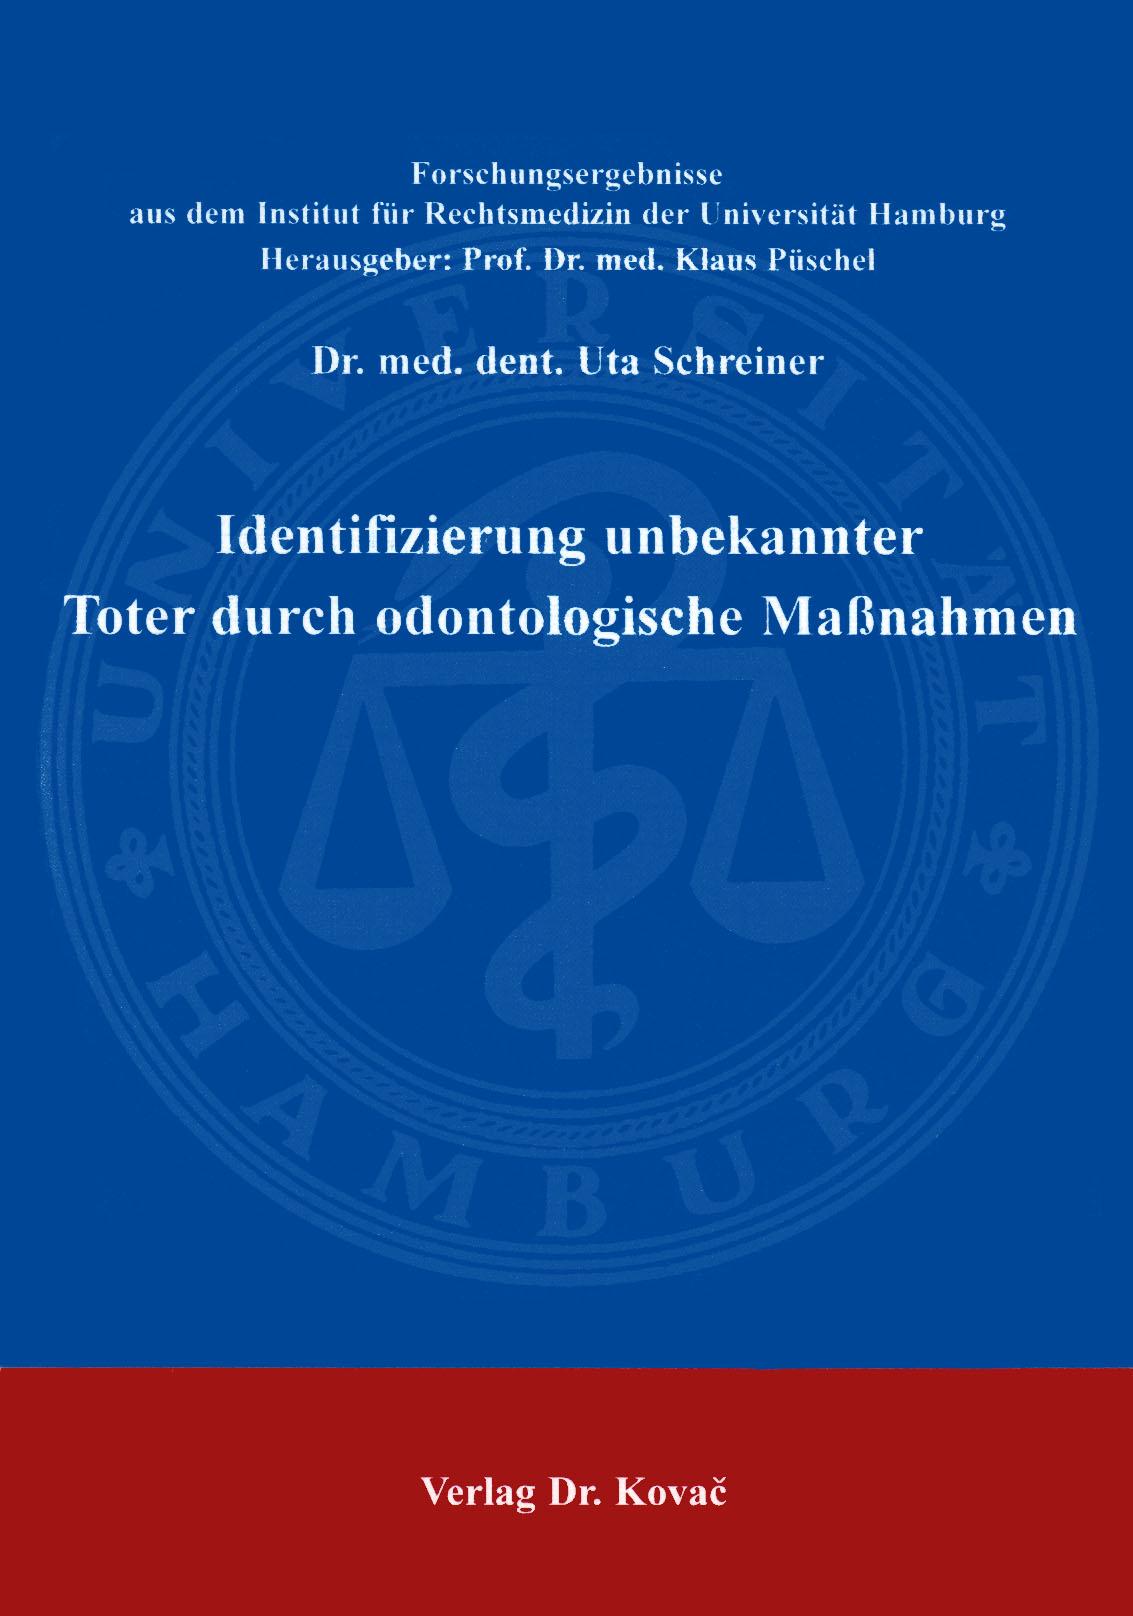 Cover: Identifizierung unbekannter Toter durch odontologische Maßnahmen